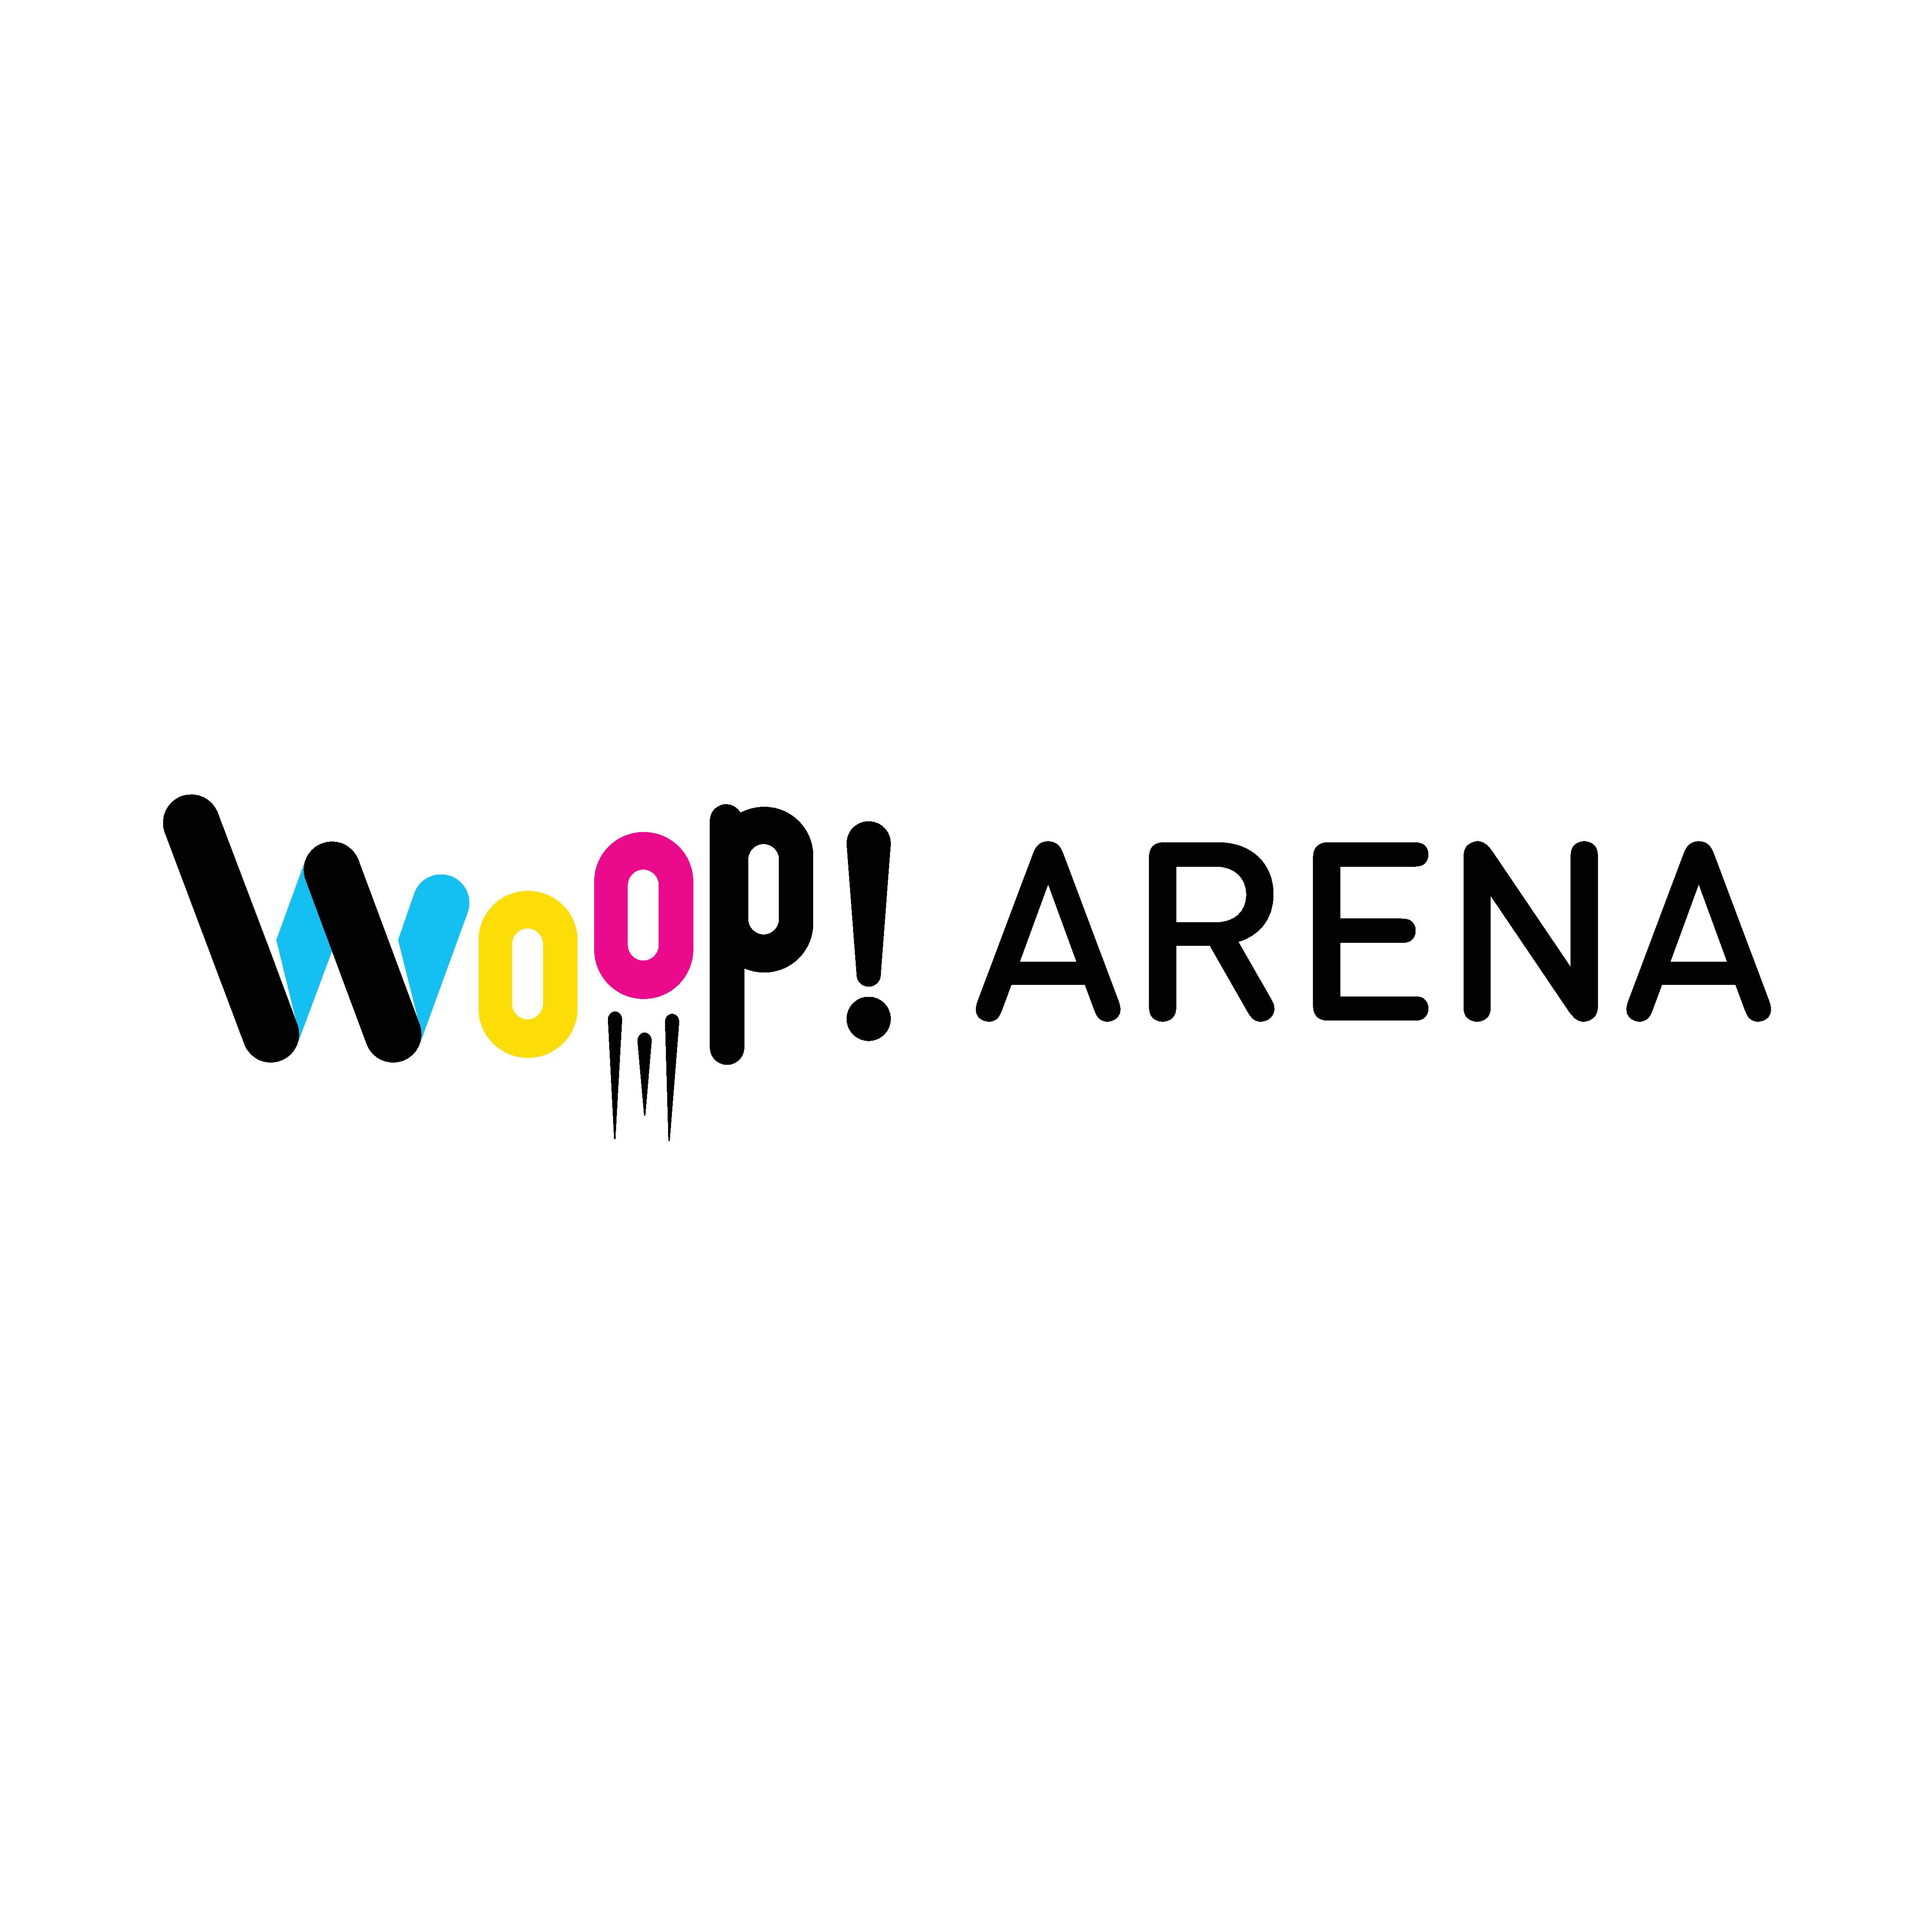 WOOP! ARENA